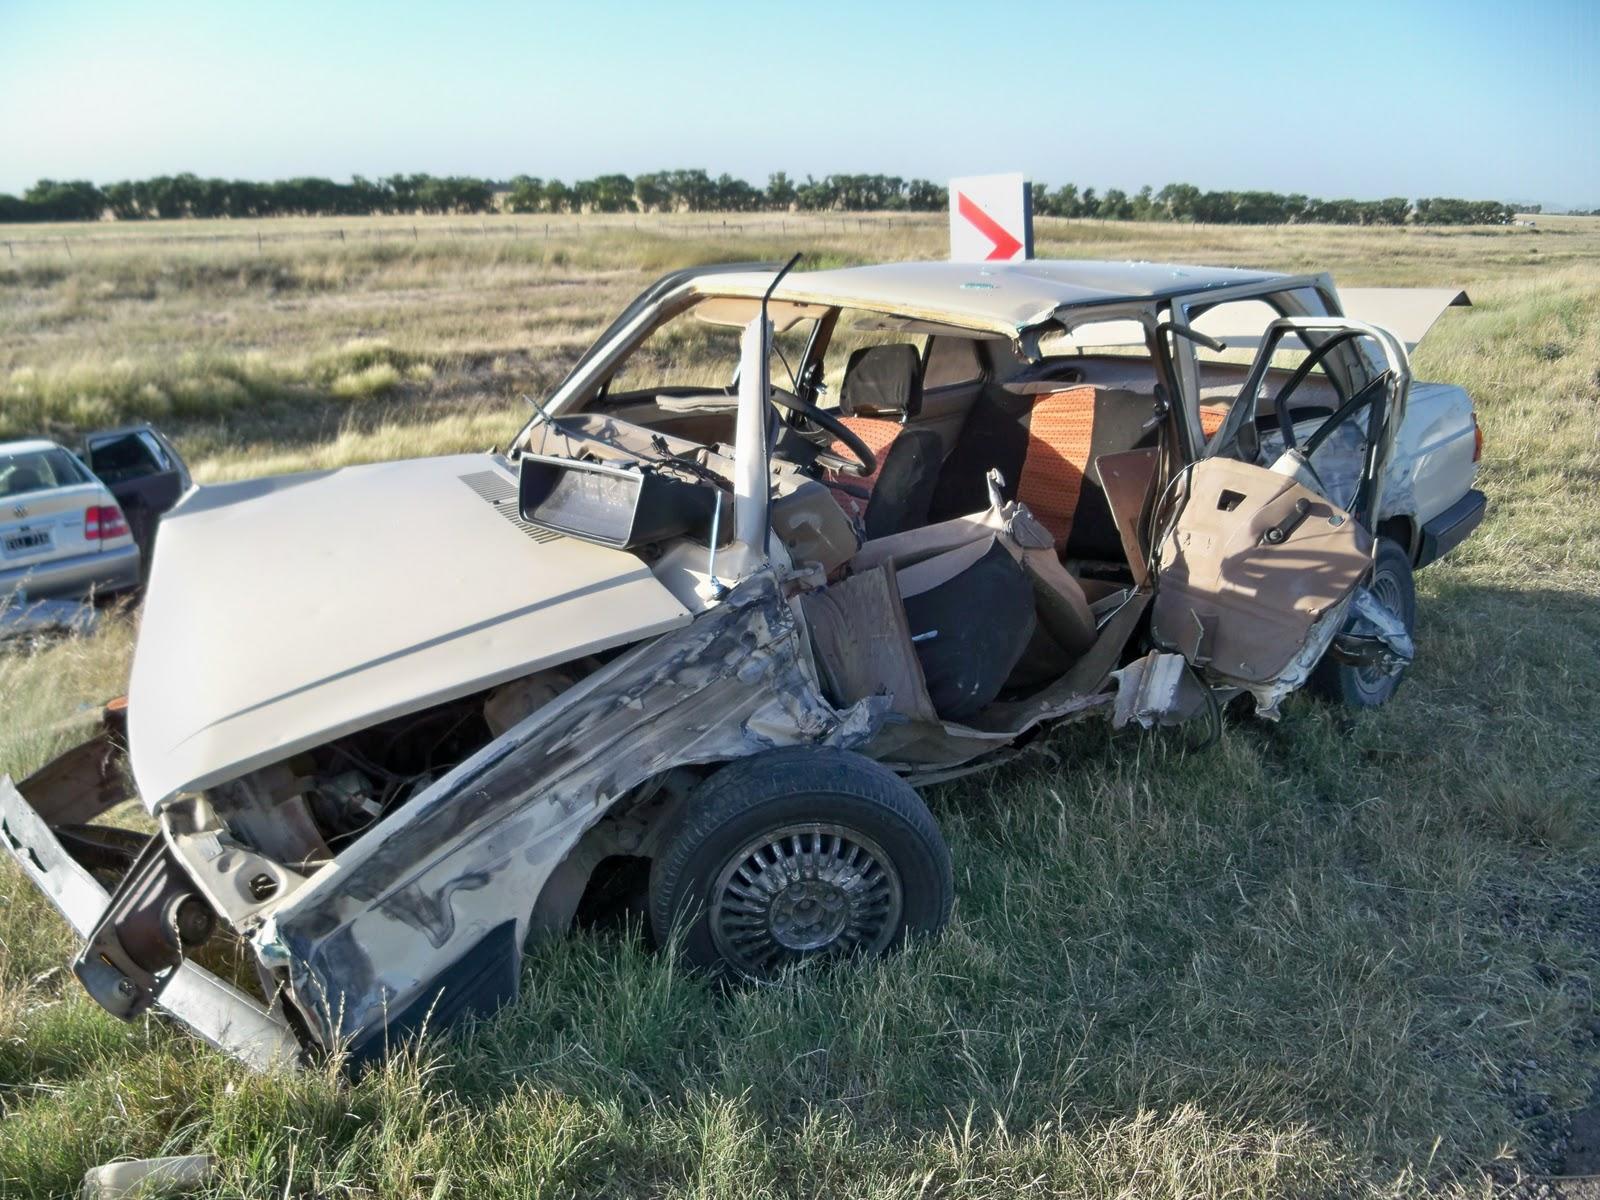 lesiones culposas en accidente: